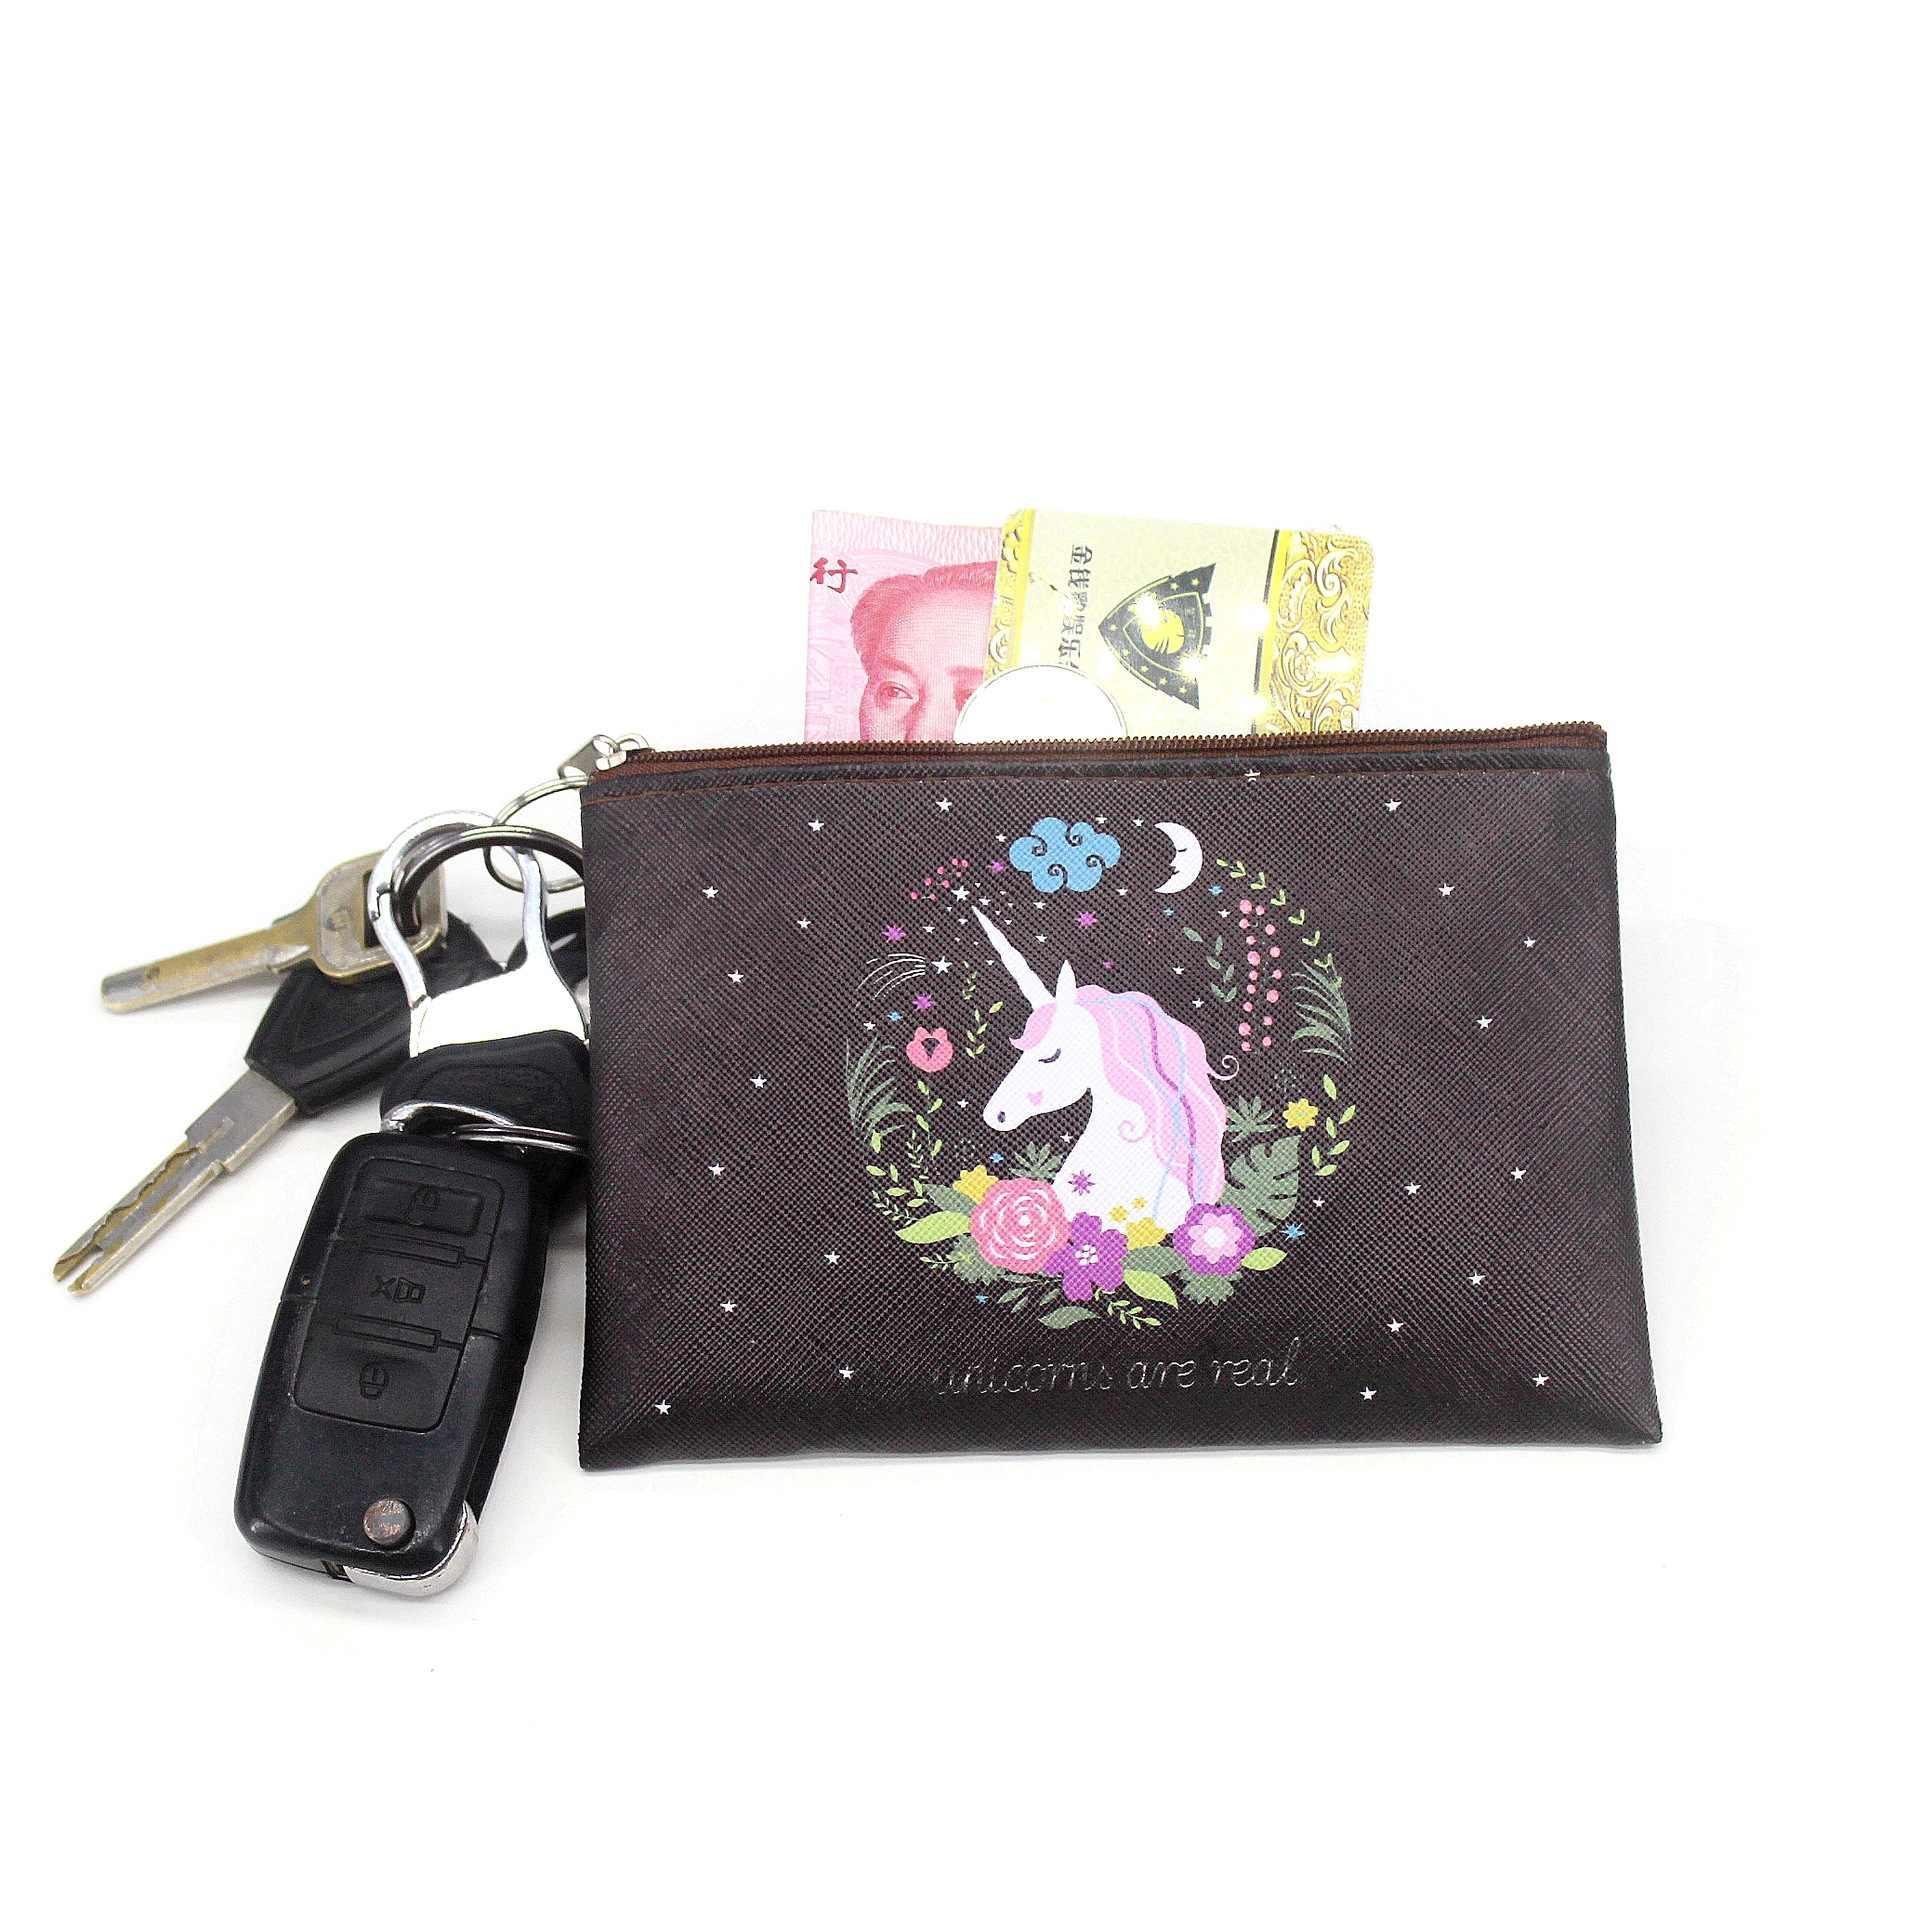 Cartoon jednorożec portmonetki mini portfele damskie śliczna karta posiadacz panie kluczowe worki na pieniądze dla dziewczyn torebka kobieta dzieci dzieci etui